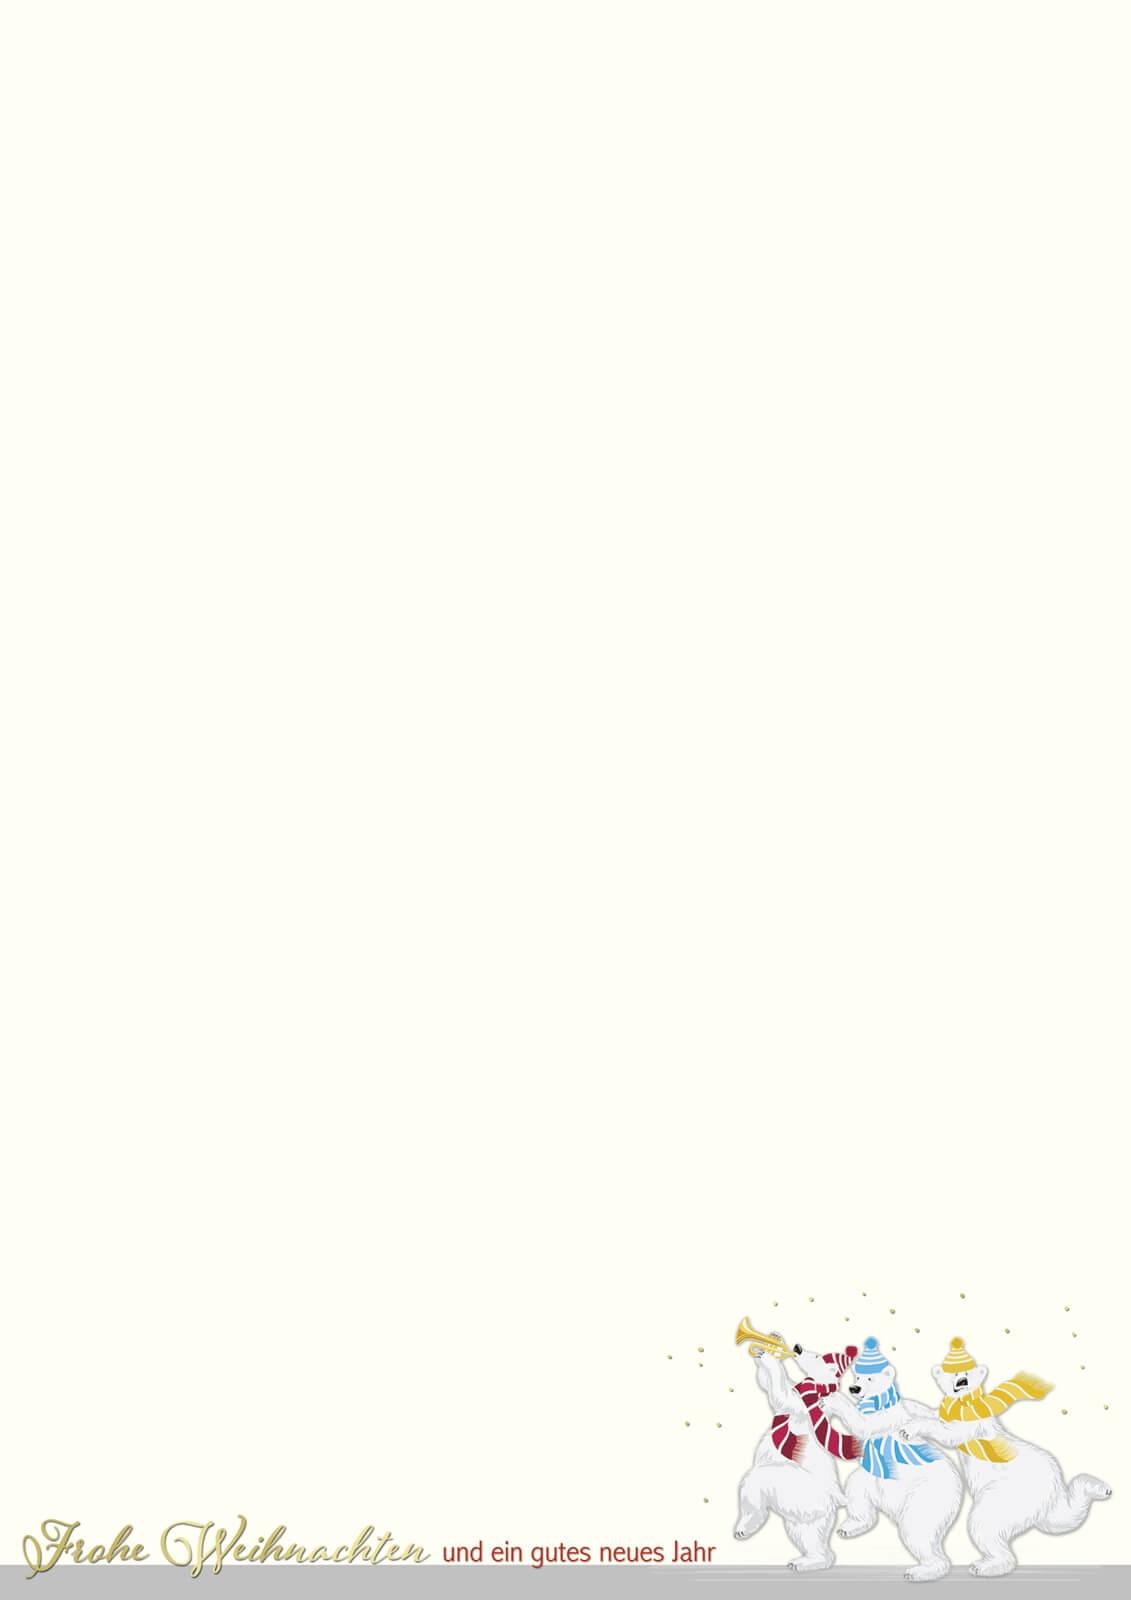 Weihnachtsbrief Avantgarde 1318209